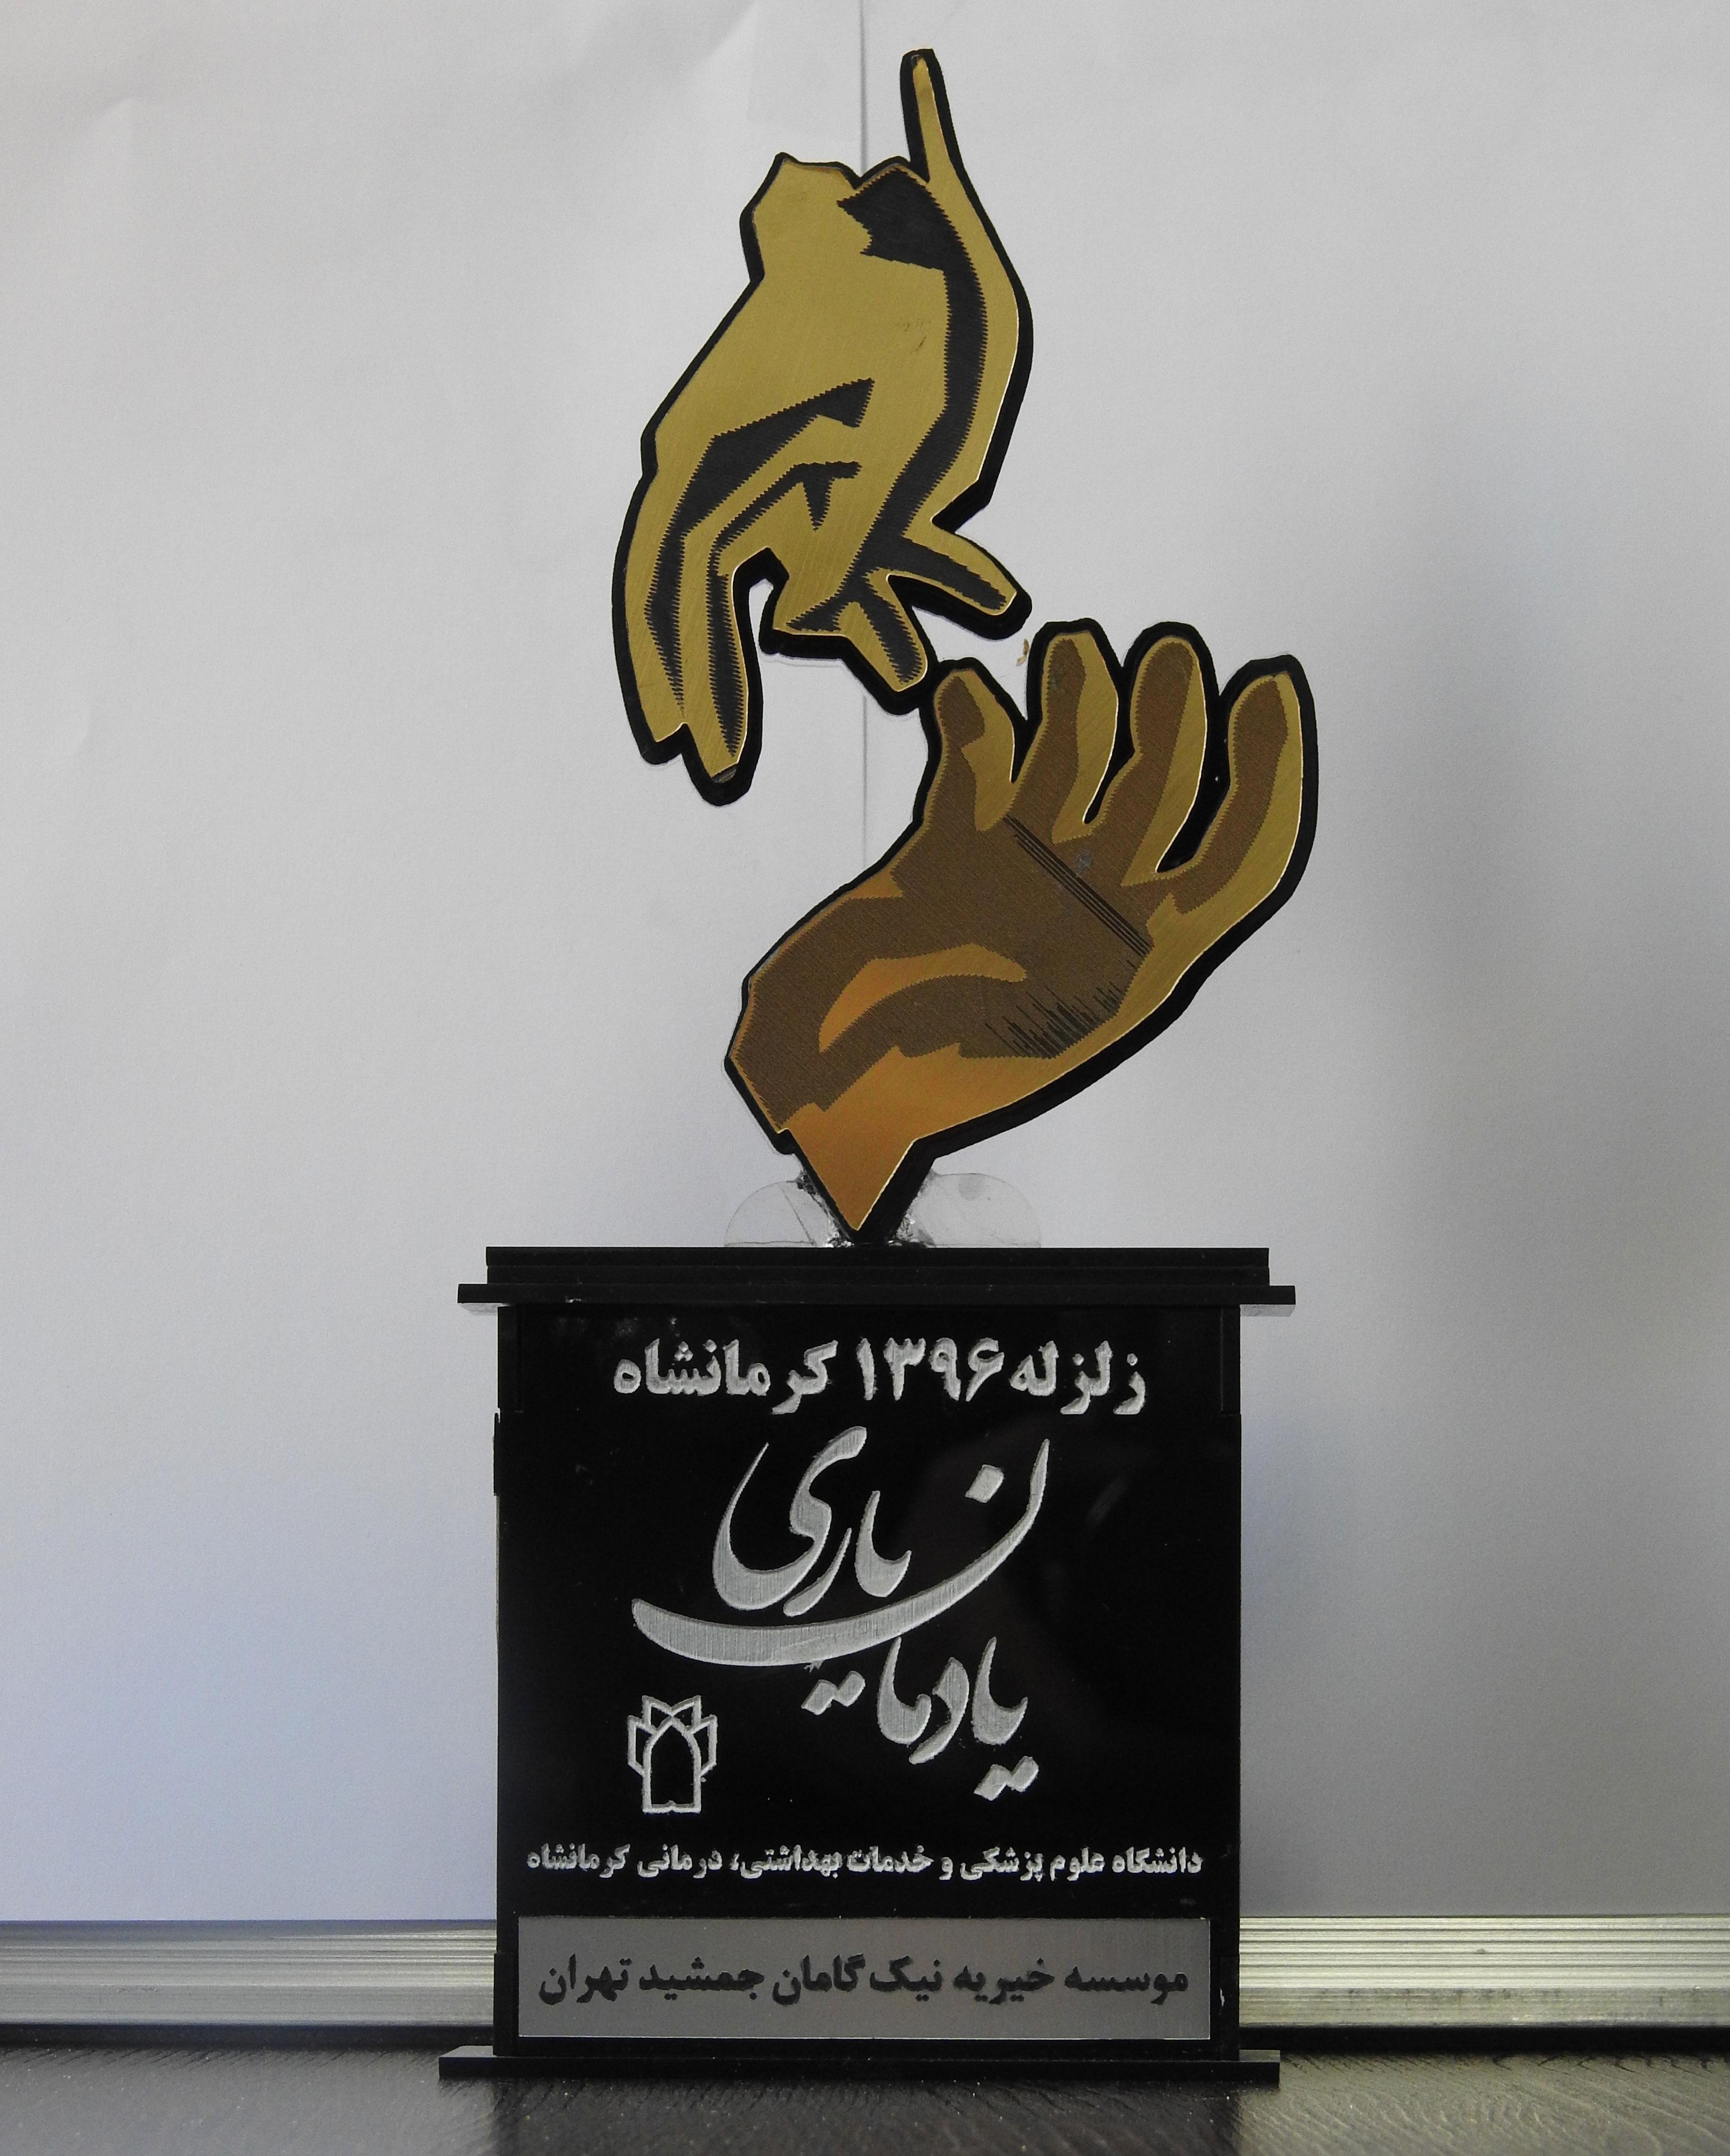 دانشگاه علوم پزشکی کرمانشاه- زلزله